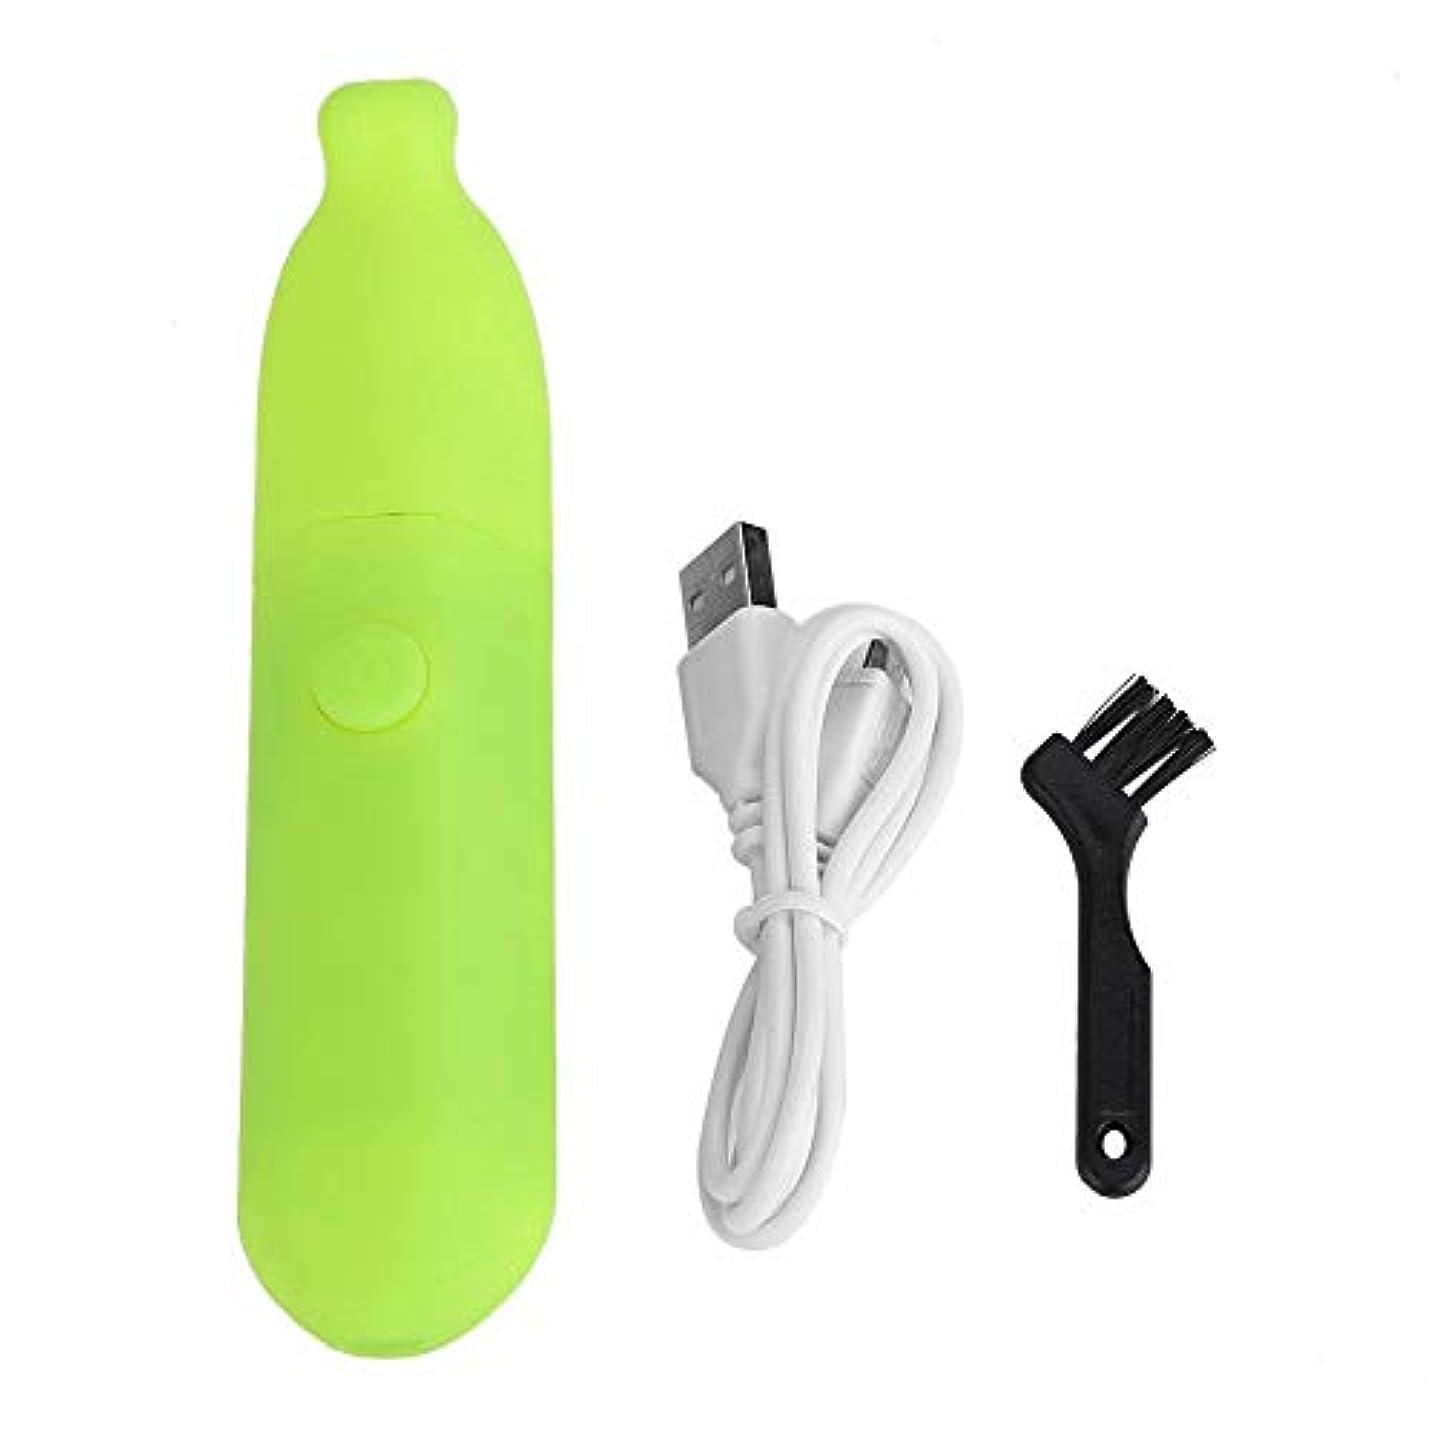 シリンダーブランド過度にメインマシン 電動爪切り 電動爪磨き ネイルケア ABS製 削り磨き整え 低速ギア 微細研磨 甘皮処理 角質ケア USB充電式 騒音なし 簡単安全 お子様 お年寄り 携帯便利 2色 ブラシ付き(グリーン)